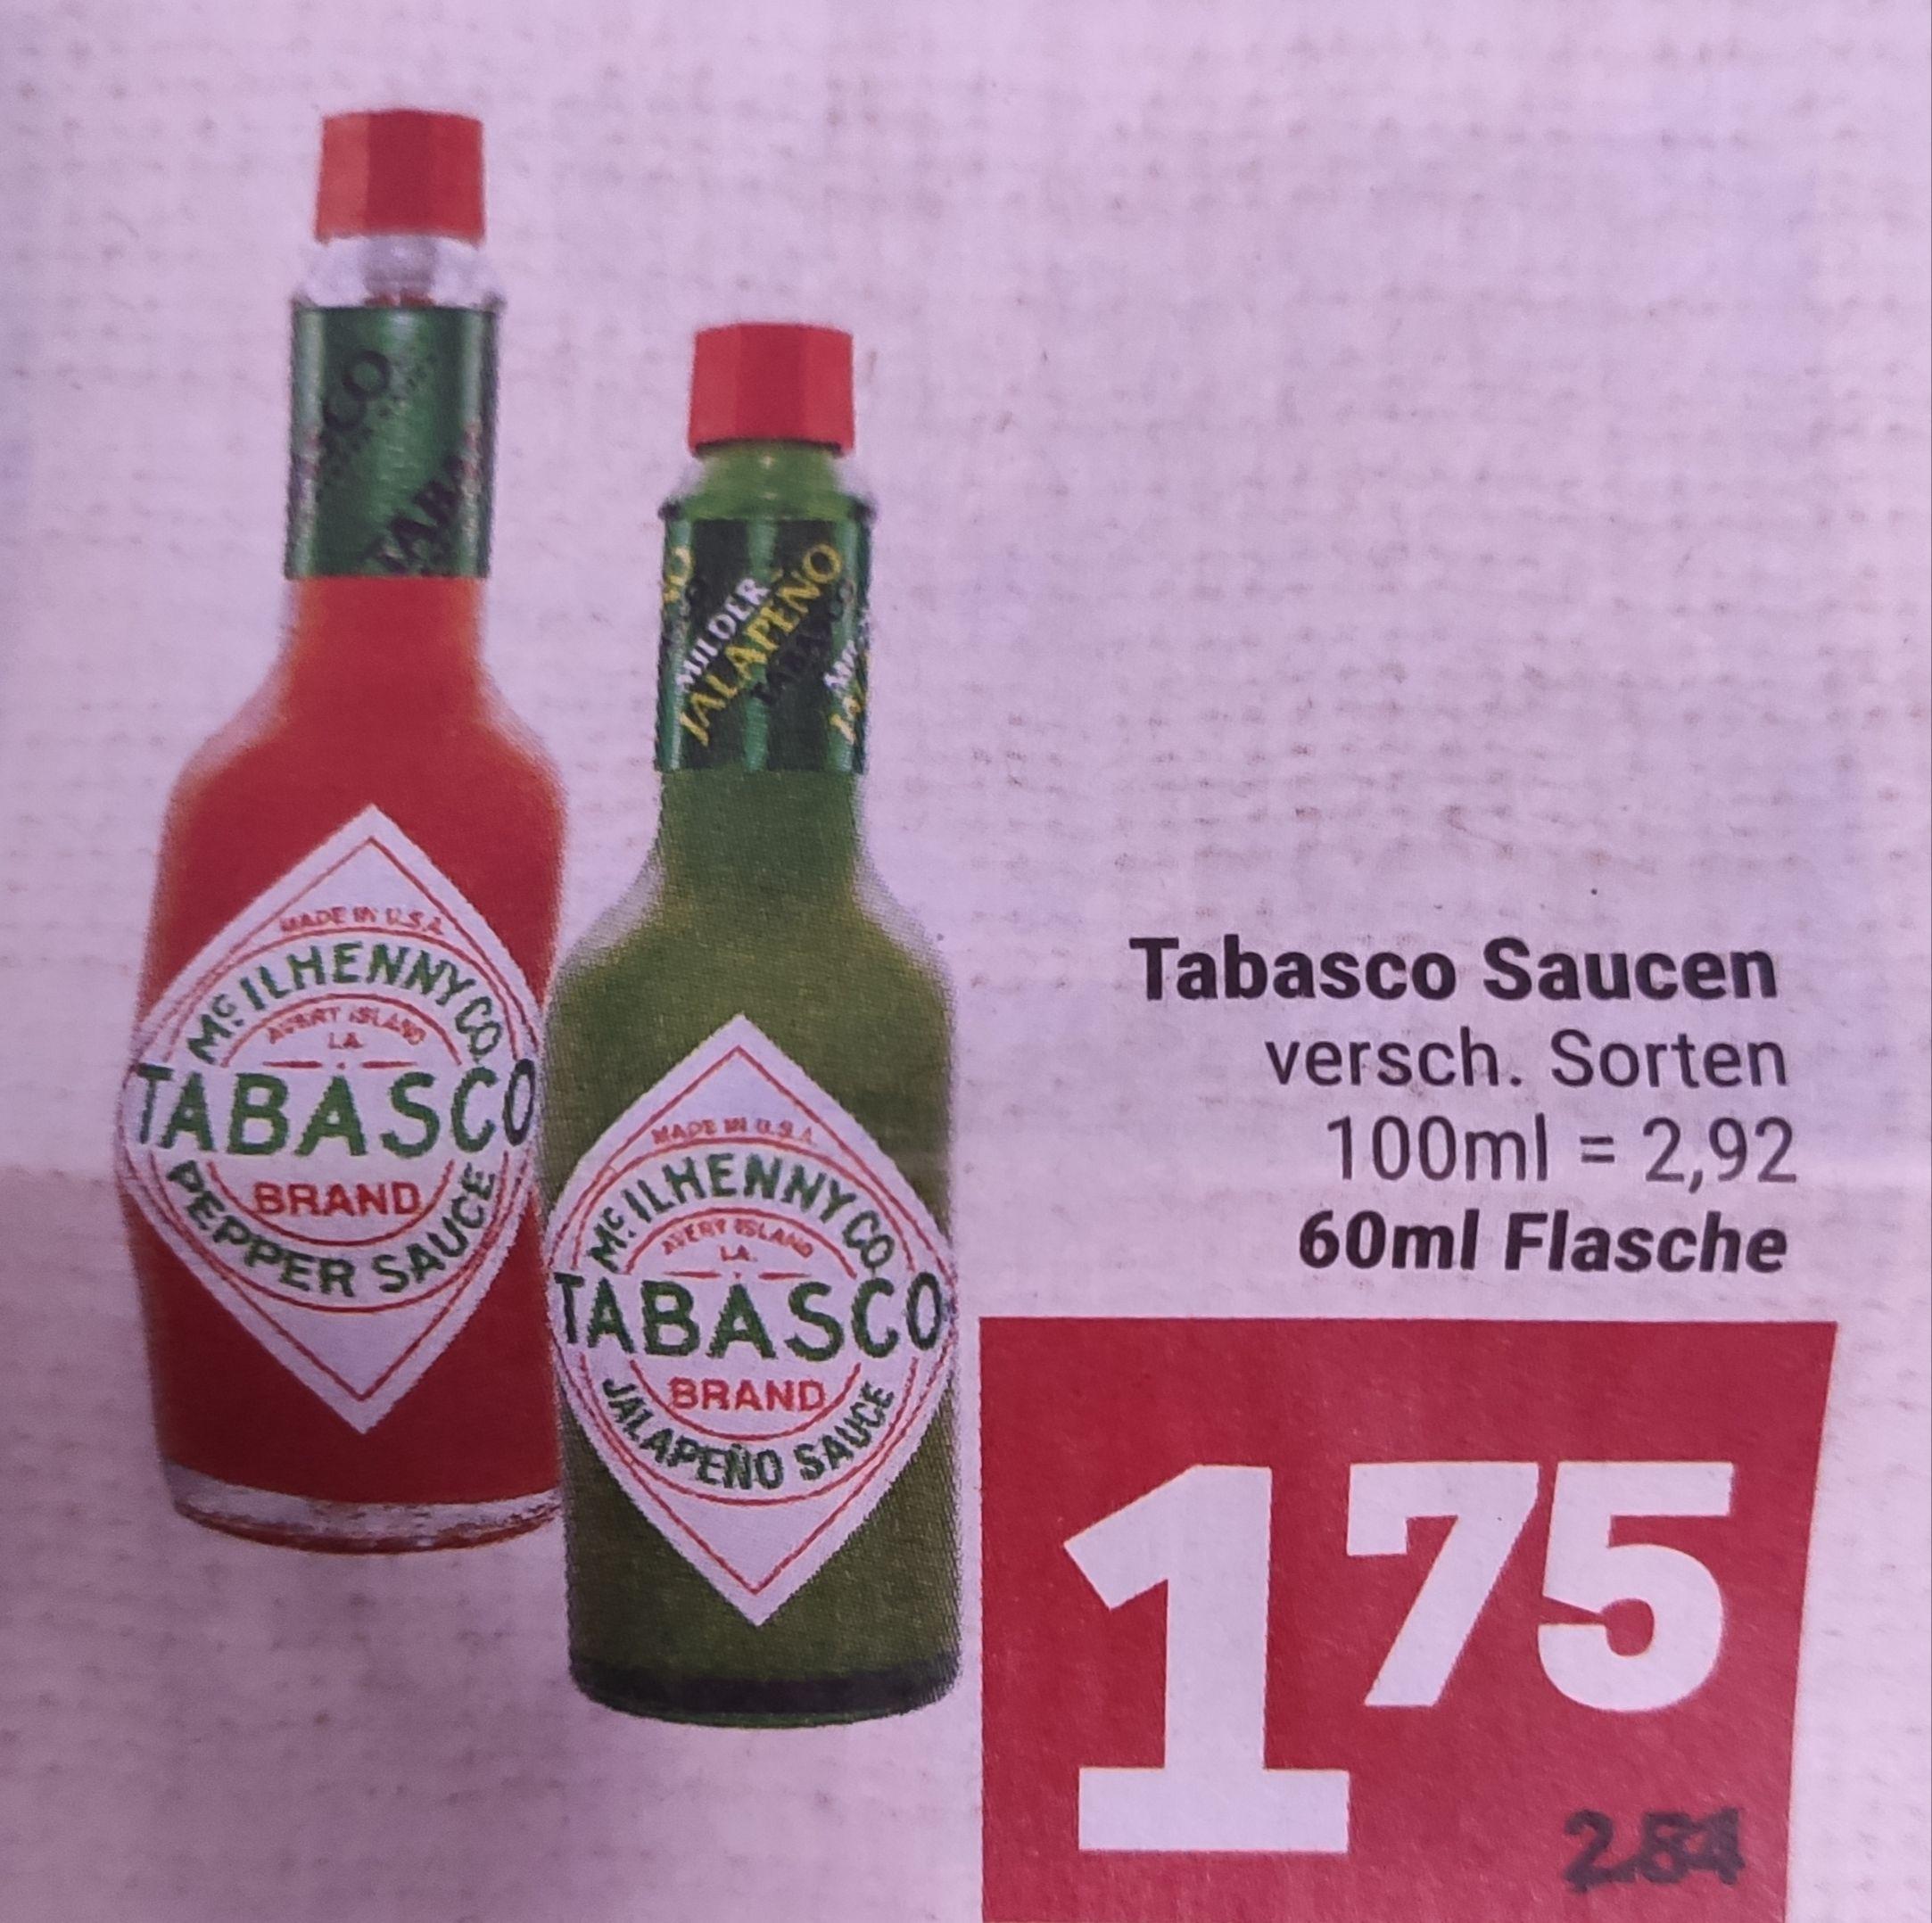 [Marktkauf Minden-Hannover] Tabasco Saucen verschiedene Sorten mit 10% Coupons für 1,57€